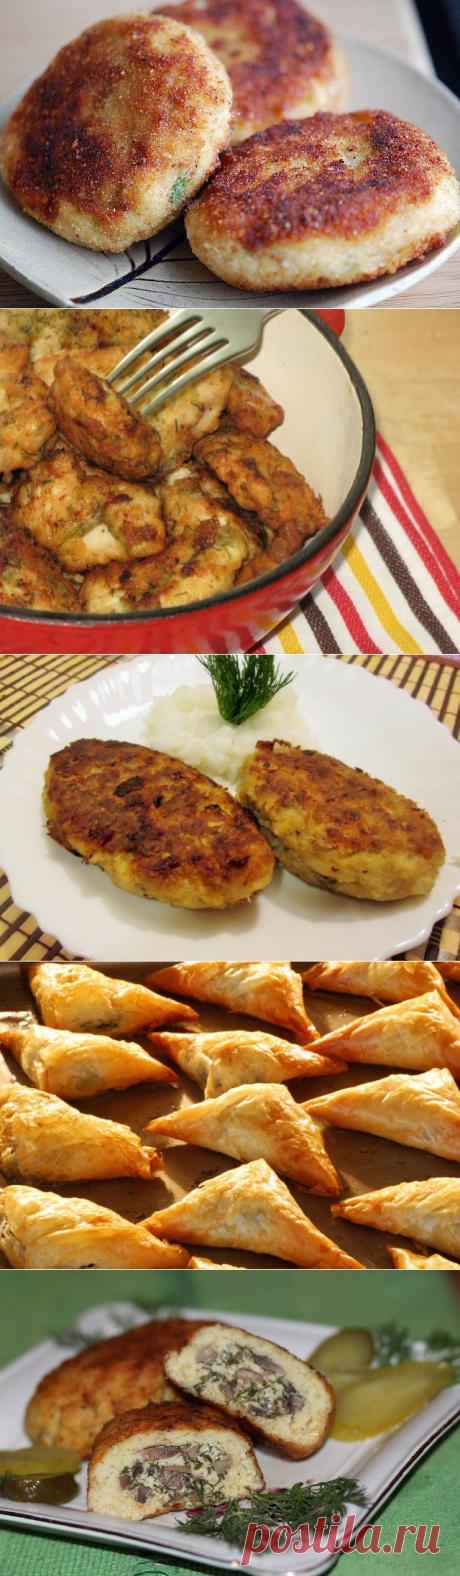 16 рецептов рыбных блюд! (котлетки, зразы, салаты, закуски) » Женский Мир